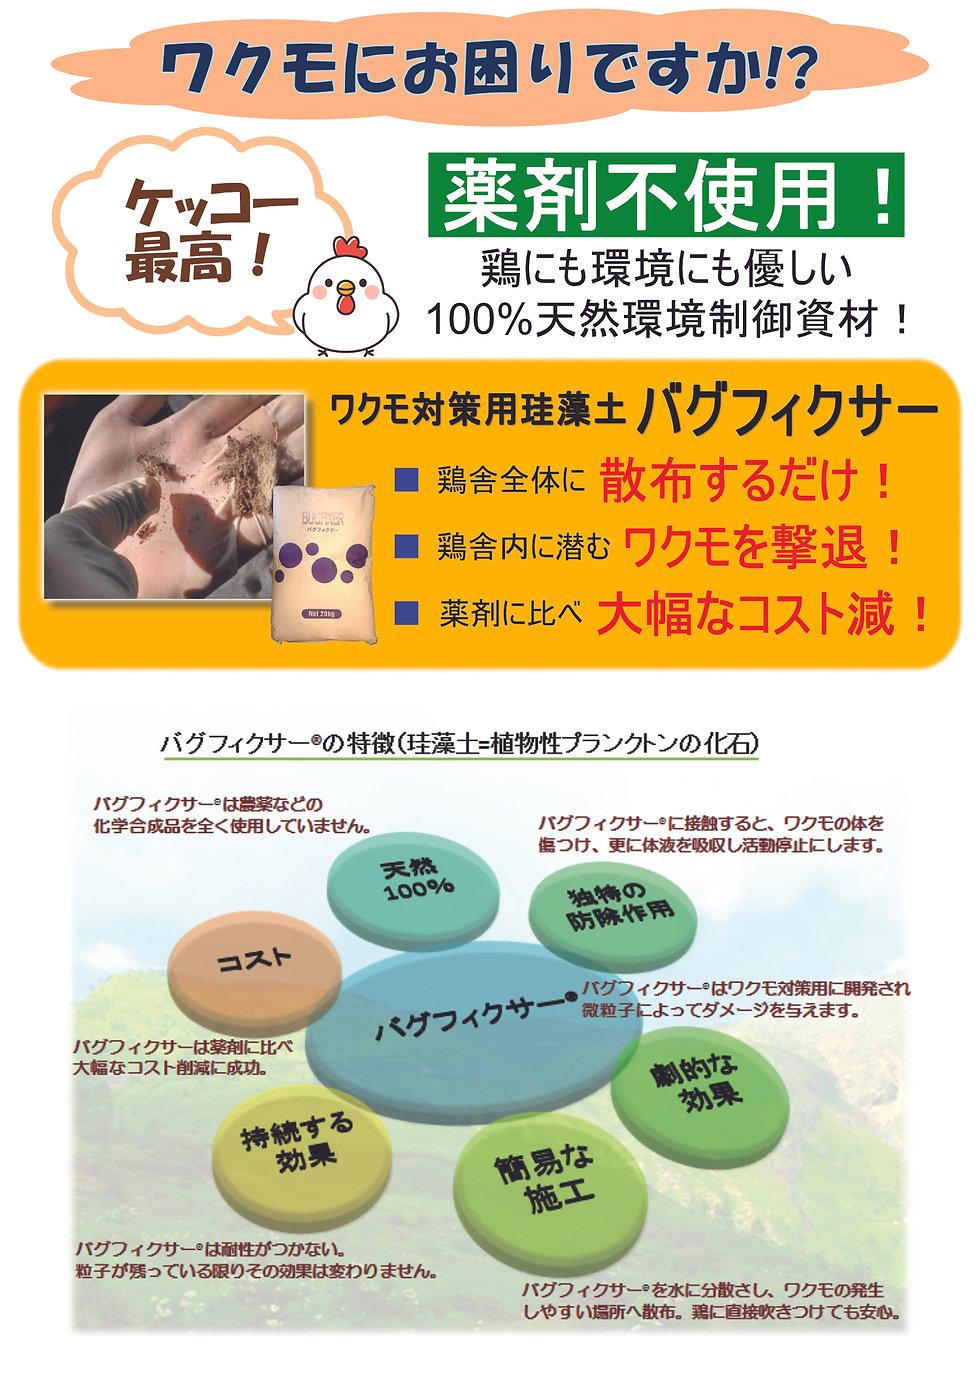 ワクモにお困りですか? 薬剤不使用の枠も対策珪藻土「バグフィクサー」のご紹介をします。  ワクモの現状と被害 ・昼間はケージつなぎ目、卵受け、集卵ベルトなどに 隠れています。 ・夜間になると吸血のため鶏へと移動する。 ・薬剤耐性がついてしまい駆除に困難状況。 吸血されると!! 産卵低下 貧血 発育低下 死亡 不快感やアレルギーなどで 作業者への影響もあります→養鶏業界に多大な影響を与えている!  バグフィクサー®の特徴(珪藻土=植物性プランクトンの化石) 天然100%:バグフィクサー®は農薬などの化学合成品を全く使用していません。 独特の駆除作用:バグフィクサー®に接触すると、ワクモの体を傷つけ、更に体液を吸収し活動停止にします。 劇的な効果:バグフィクサー®はワクモ対策用に開発され微粒子によってダメージを与えます。 簡易な施工:バグフィクサー®を水に分散させ、ワクモの発生しやすい場所へ散布。鶏に直接吹きつけても安心。 持続する効果:バグフィクサー®は耐性がつかない。粒子が残っている限りその効果は変わりません。 コスト:バグフィクサーは薬剤に比べ大幅なコスト削減に成功。